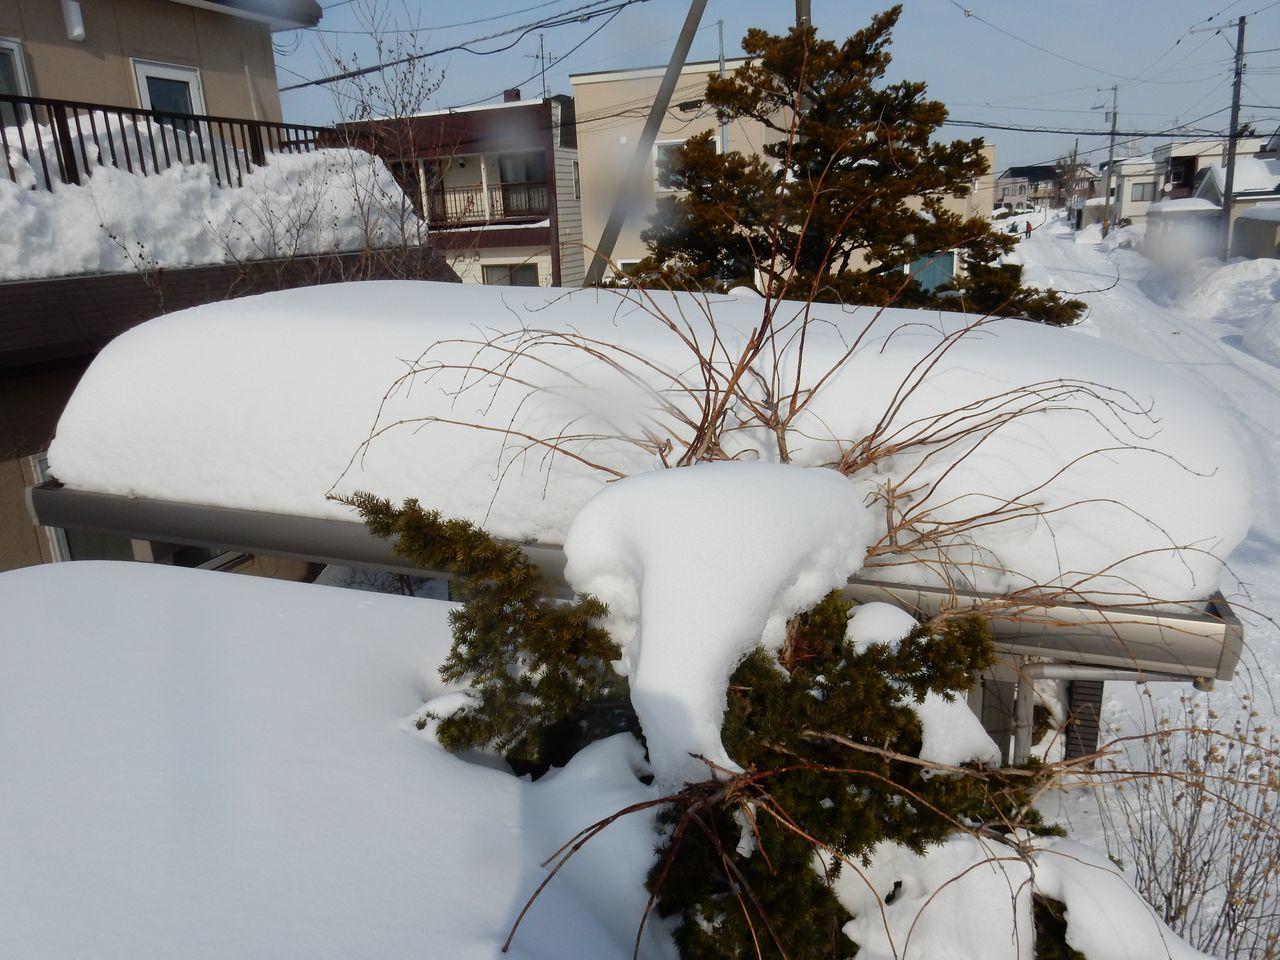 ガレージの屋根_c0025115_21312628.jpg